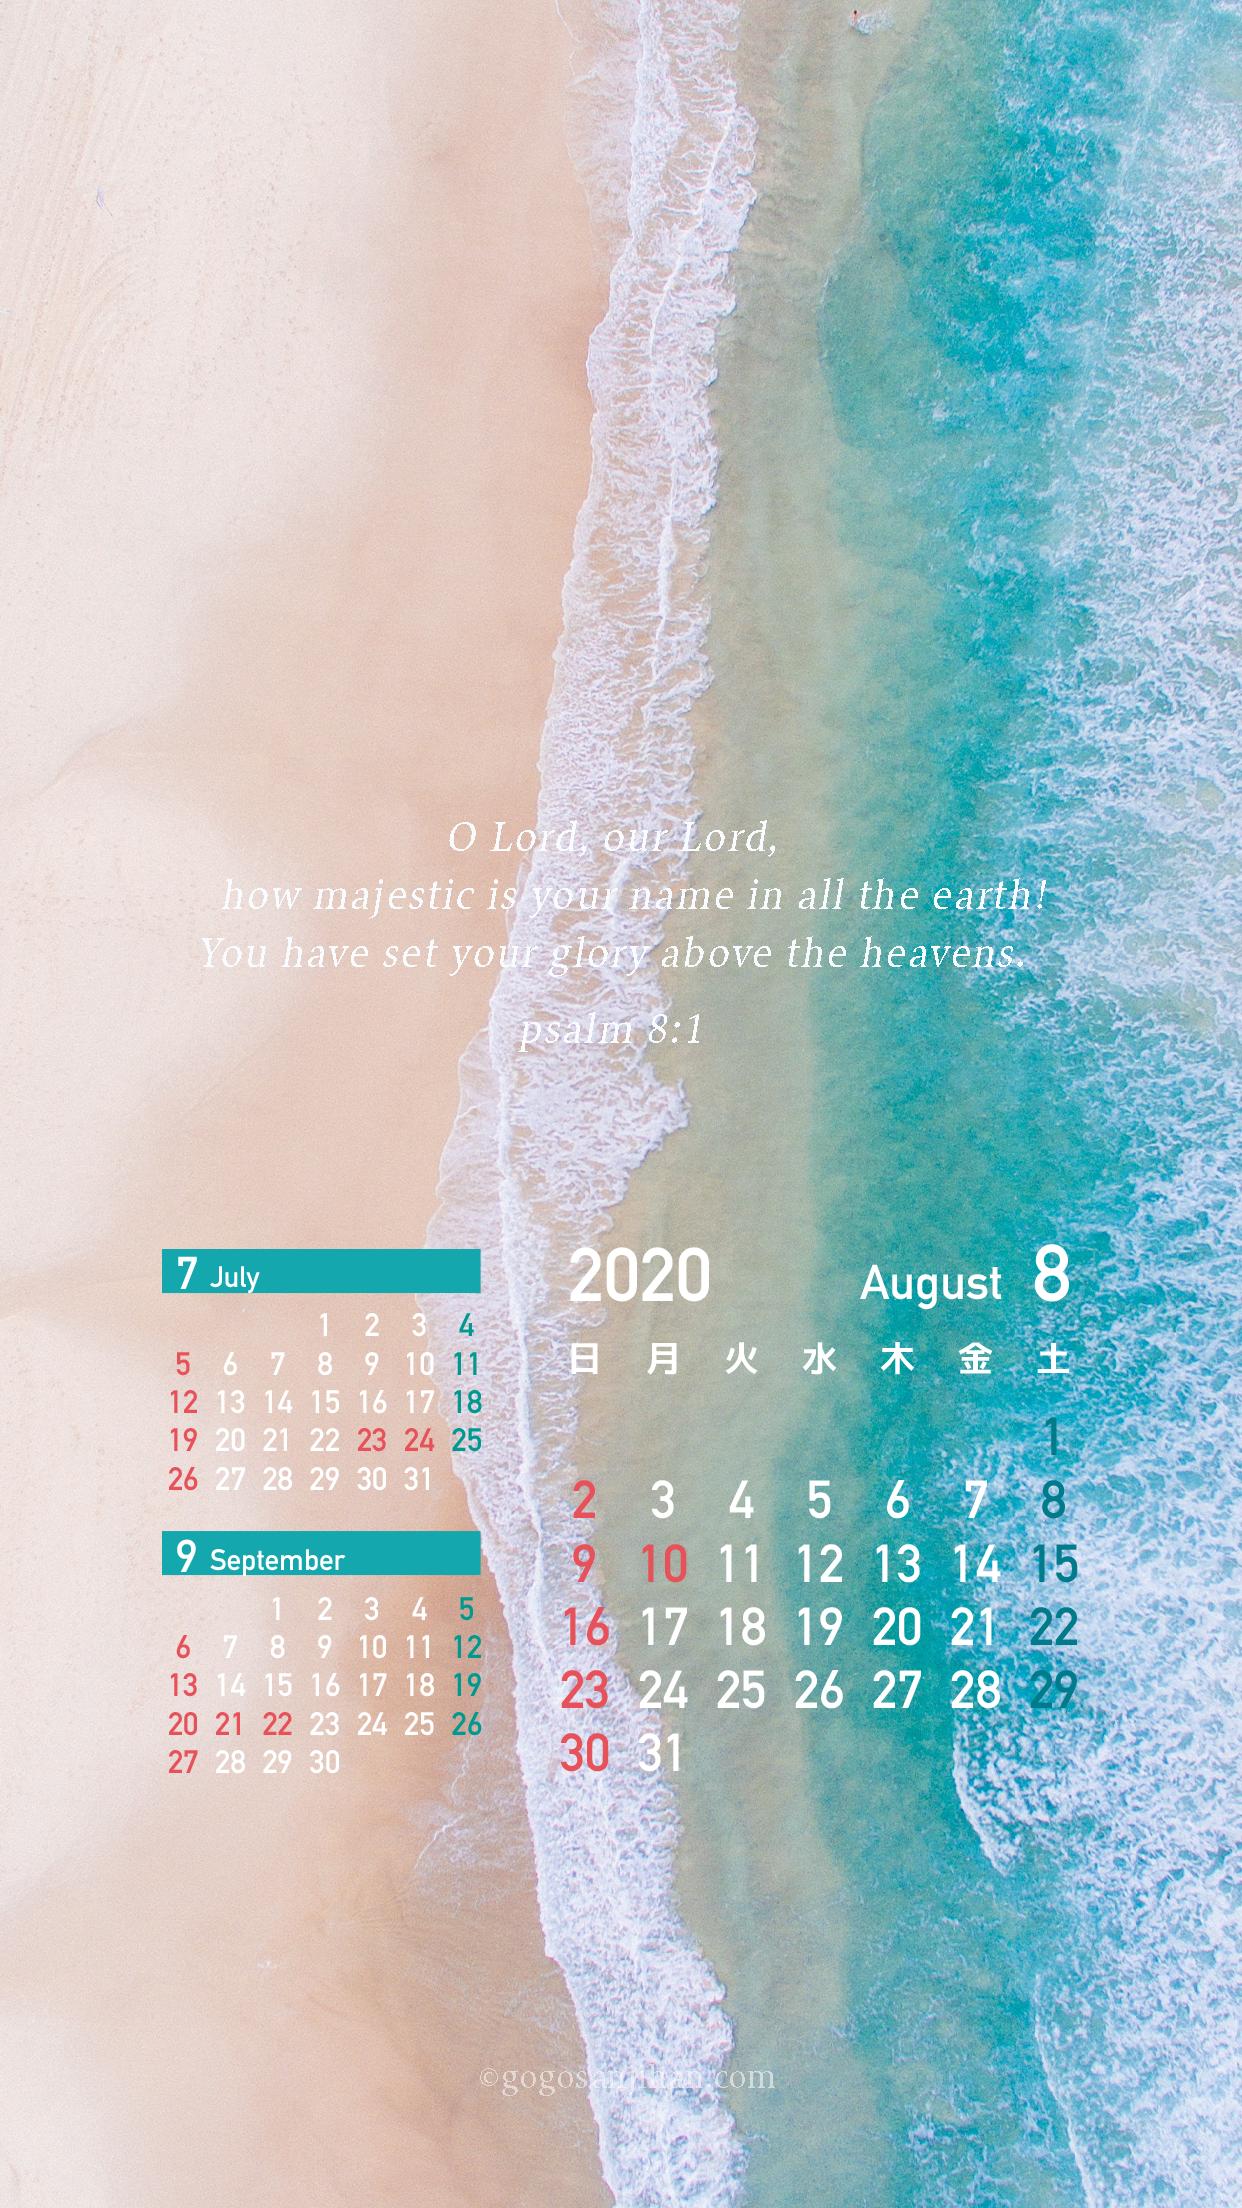 スマホ年8月カレンダー壁紙 みことば壁紙をリリースしました フリーダウンロード Iphone アンドロイド デザイン工房 午後3 30